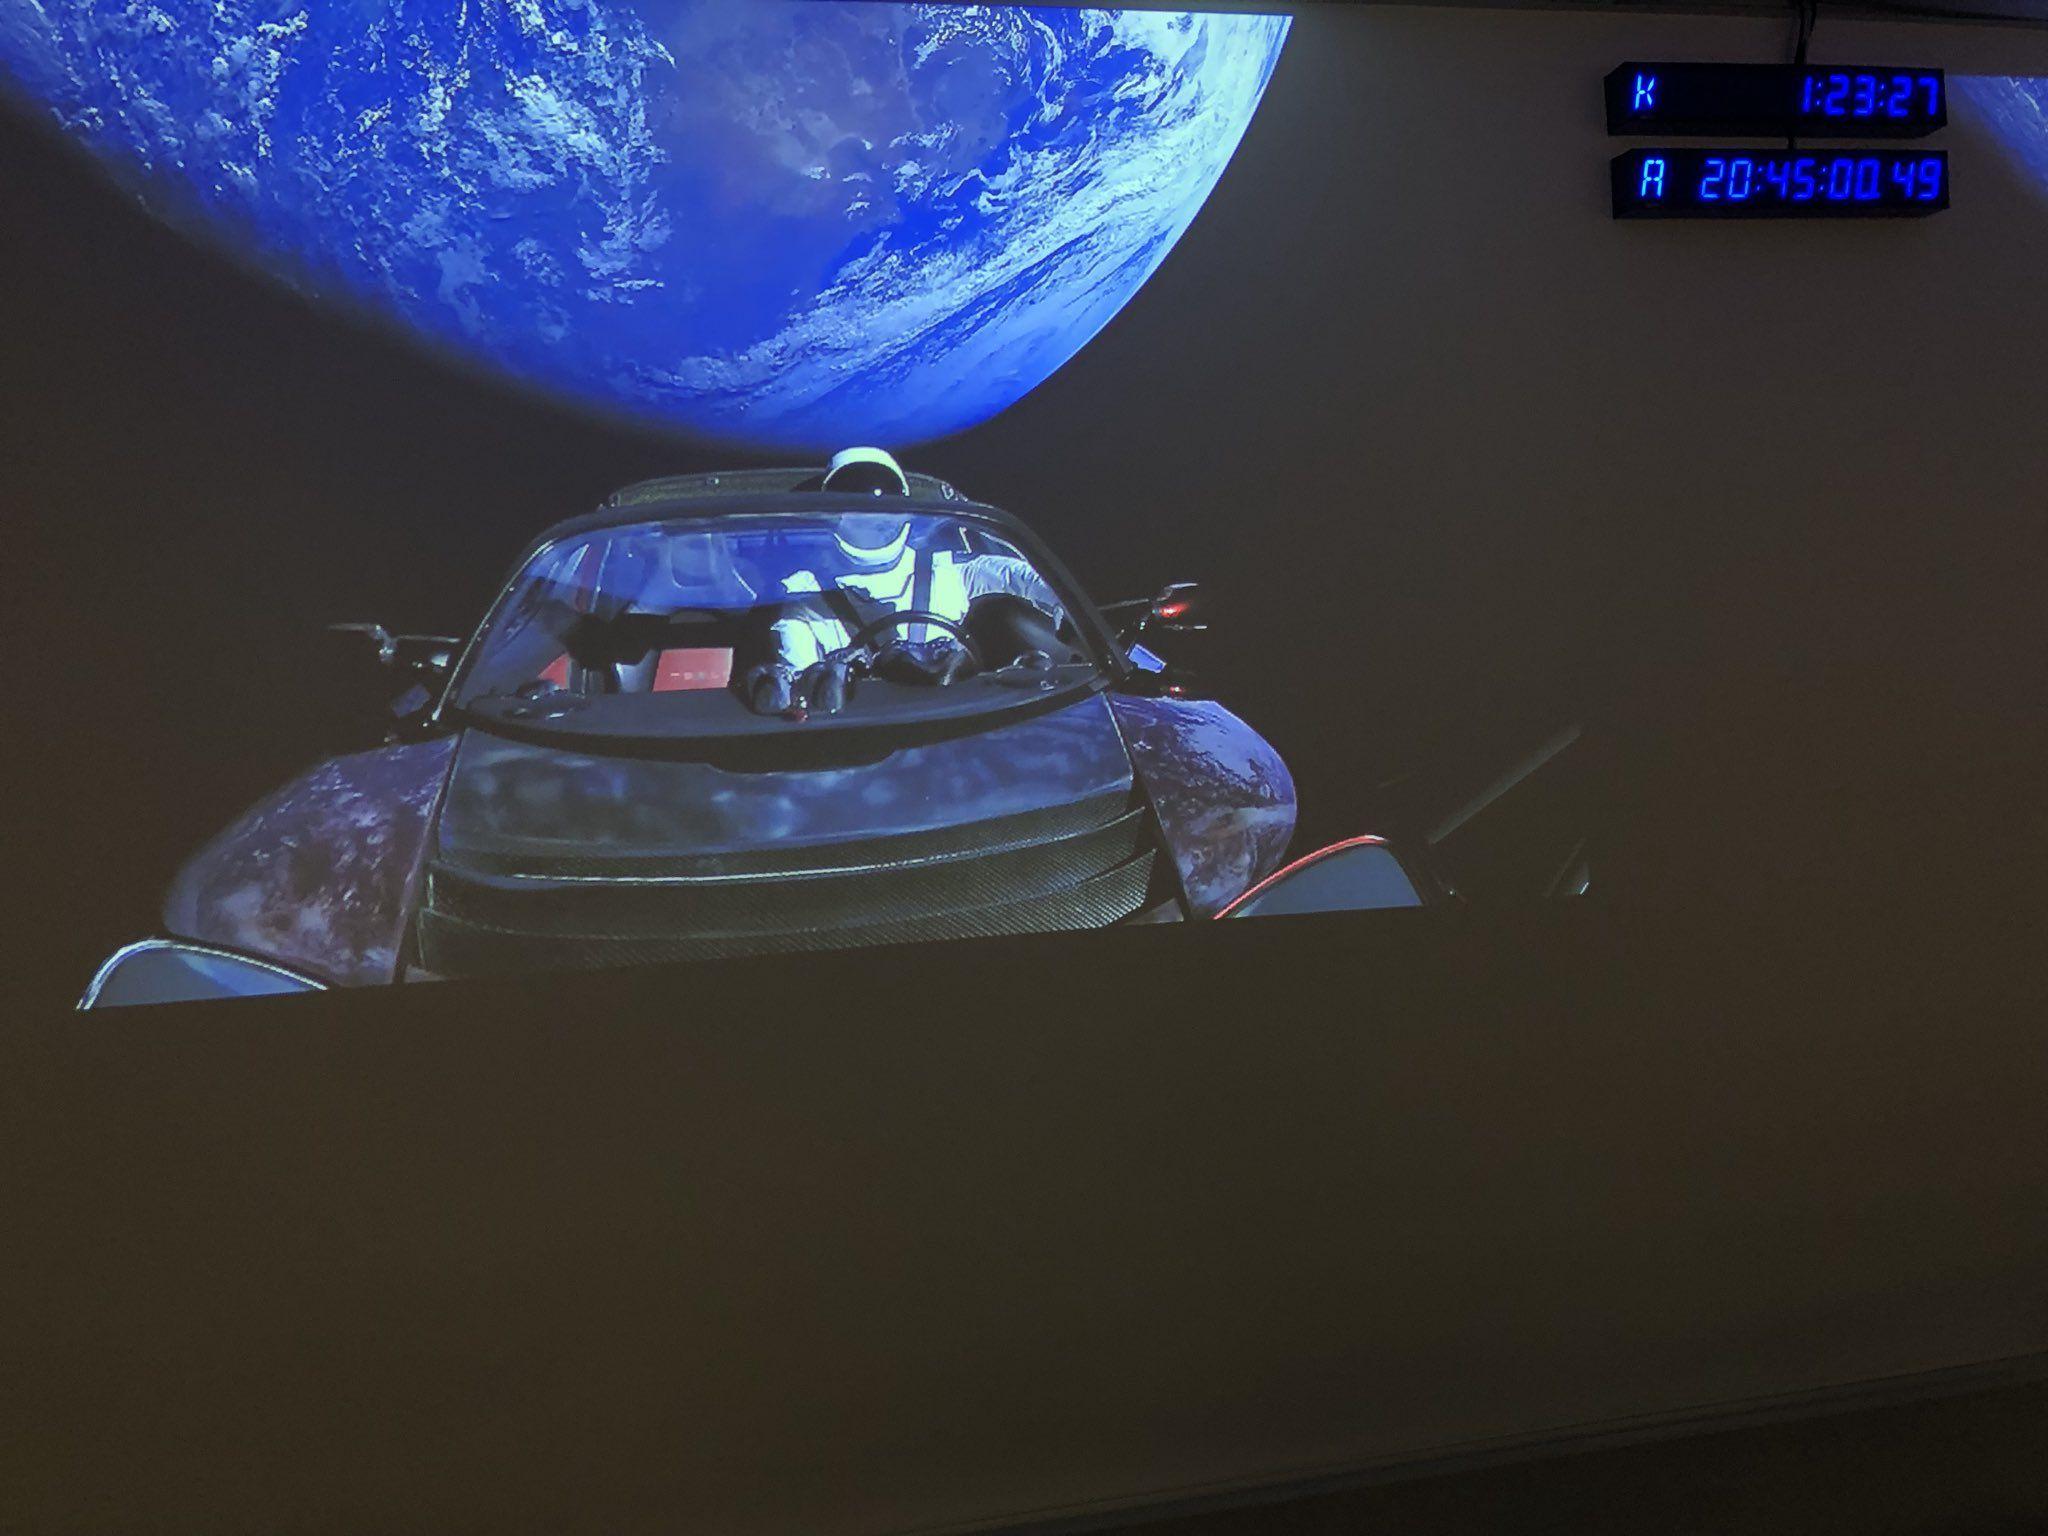 Elon Musk on Falcon heavy, Elon musk, Tesla roadster